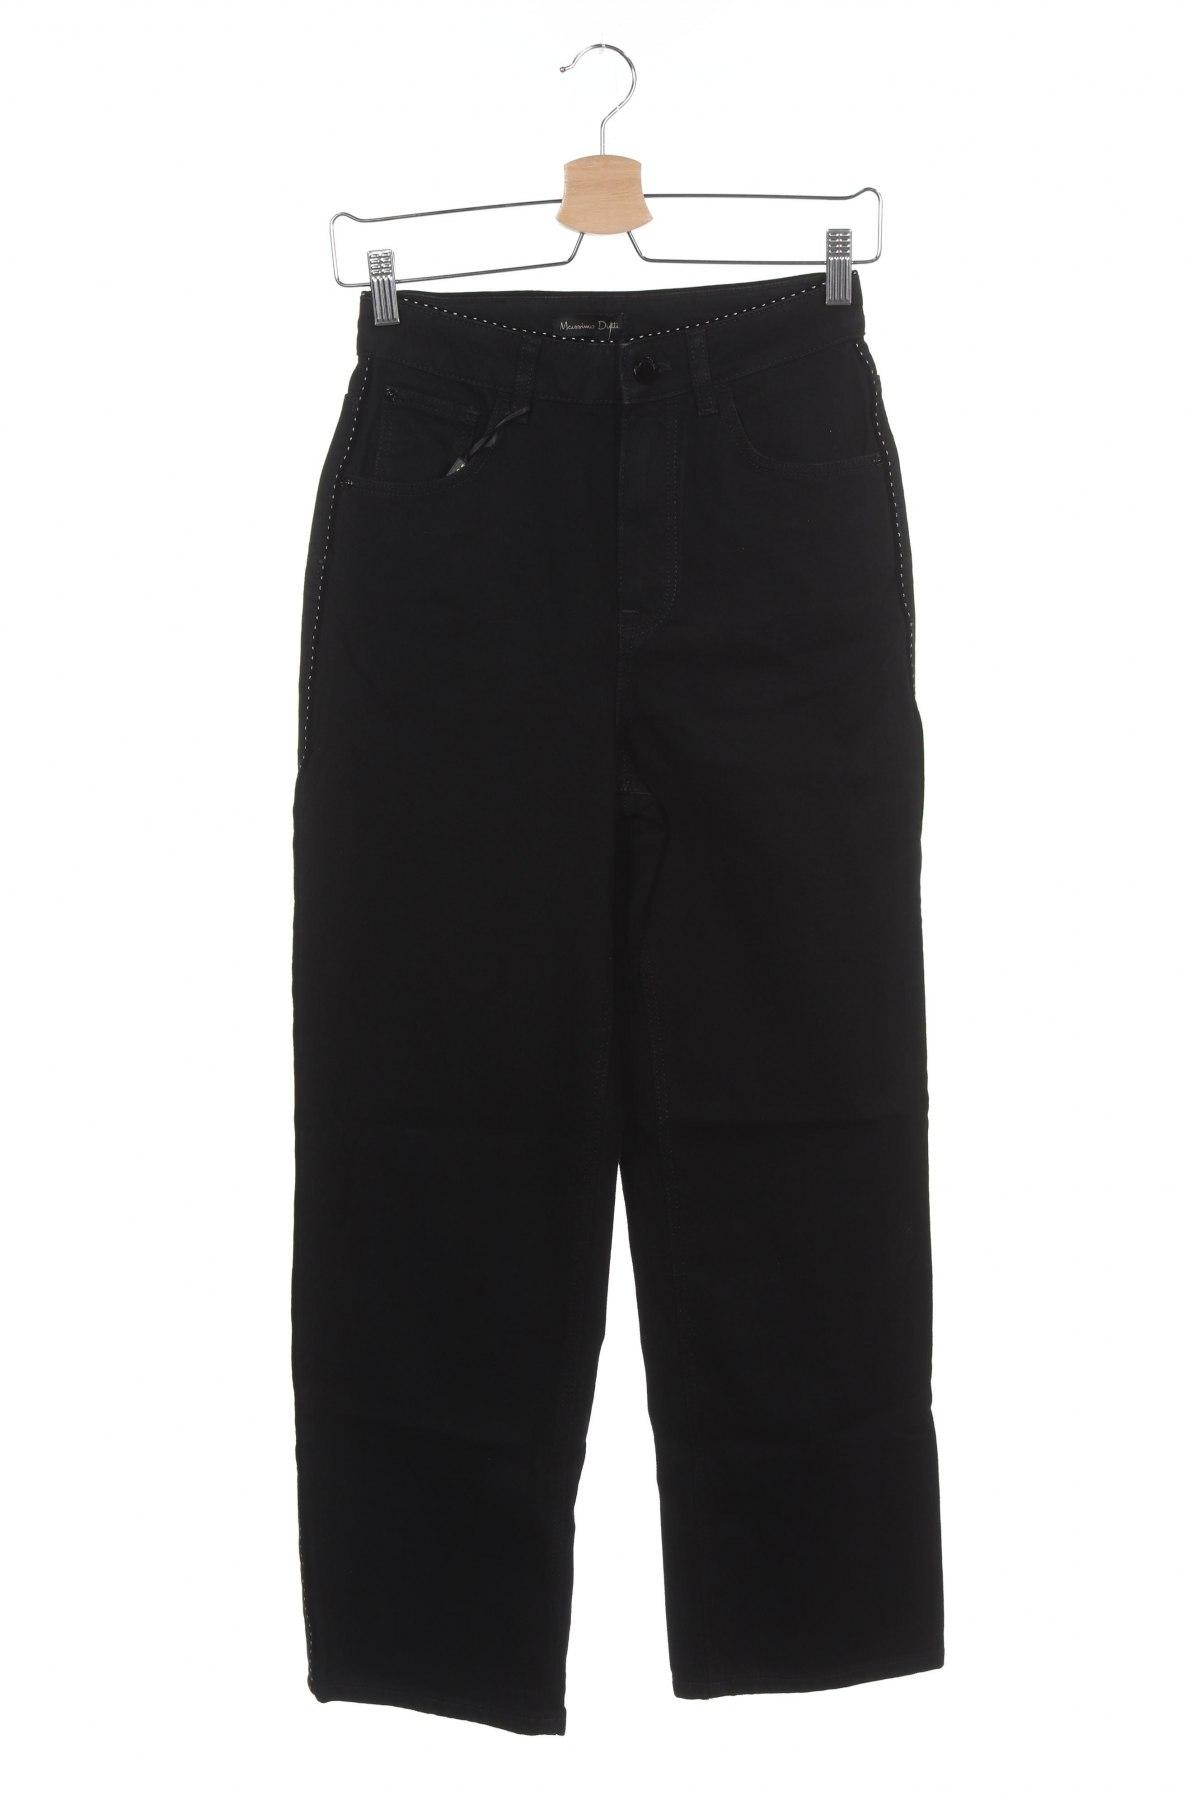 Дамски дънки Massimo Dutti, Размер XS, Цвят Черен, Памук, Цена 31,53лв.